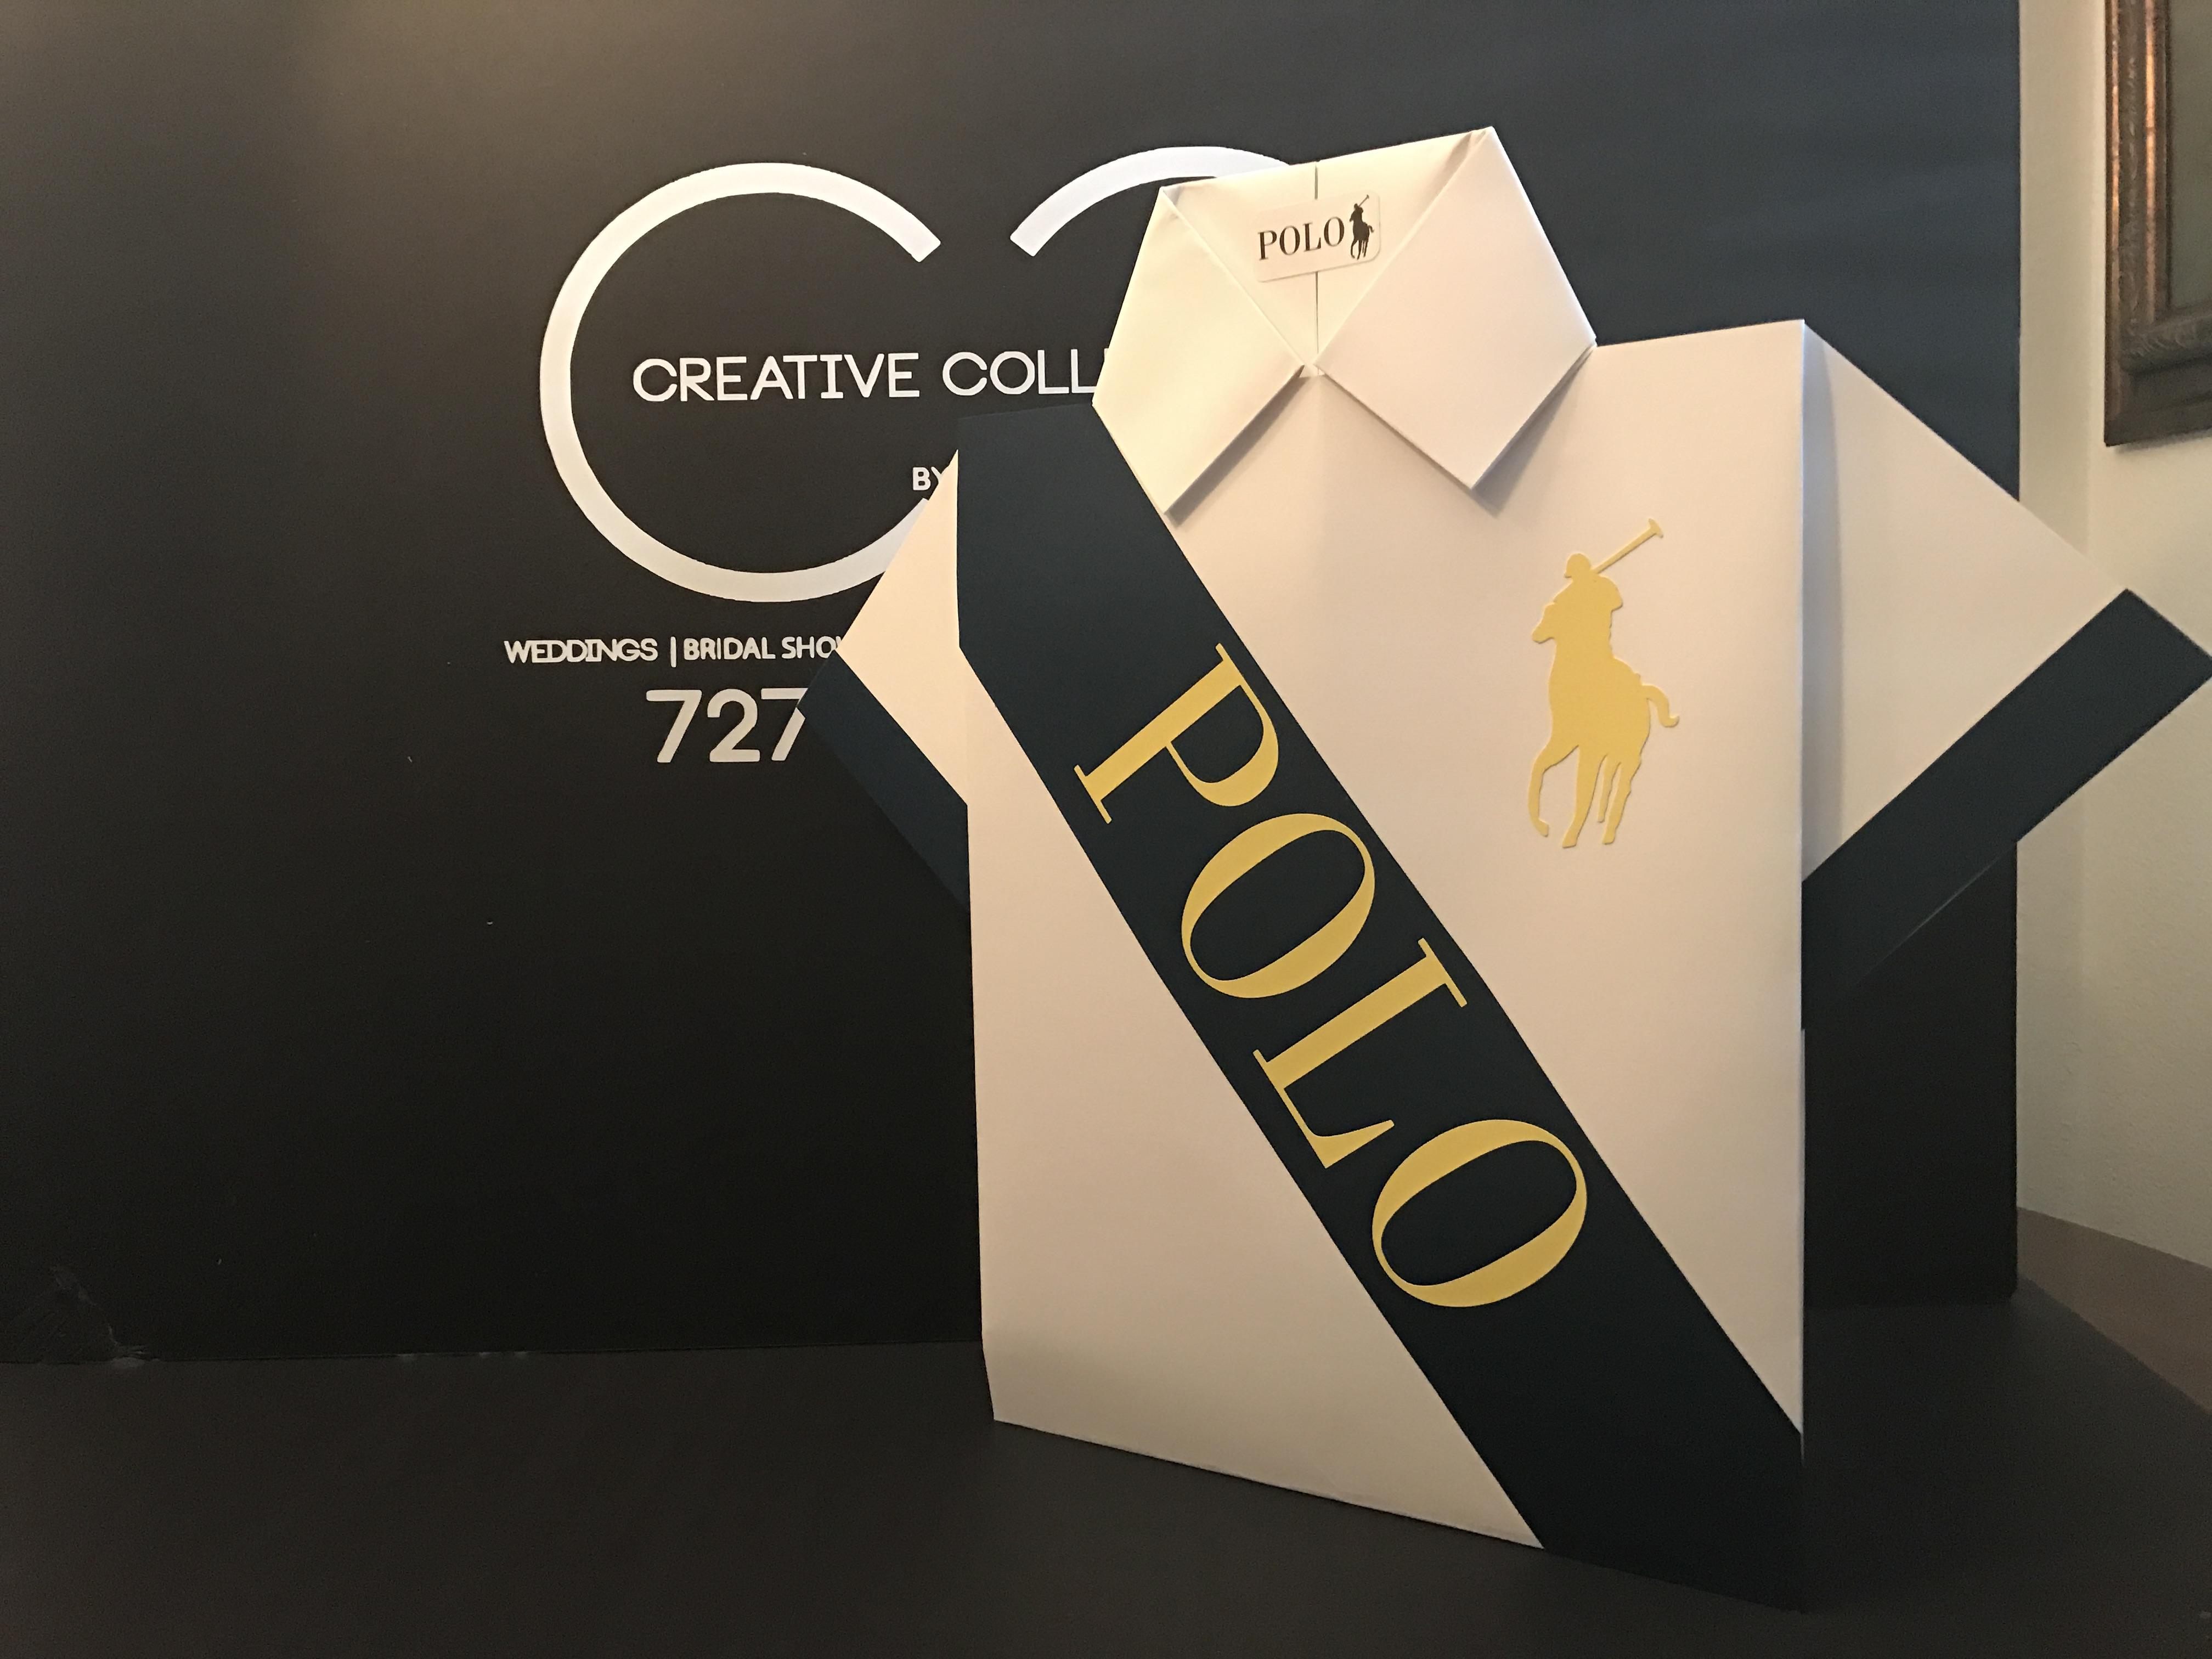 Polo Shirt Centerpiece